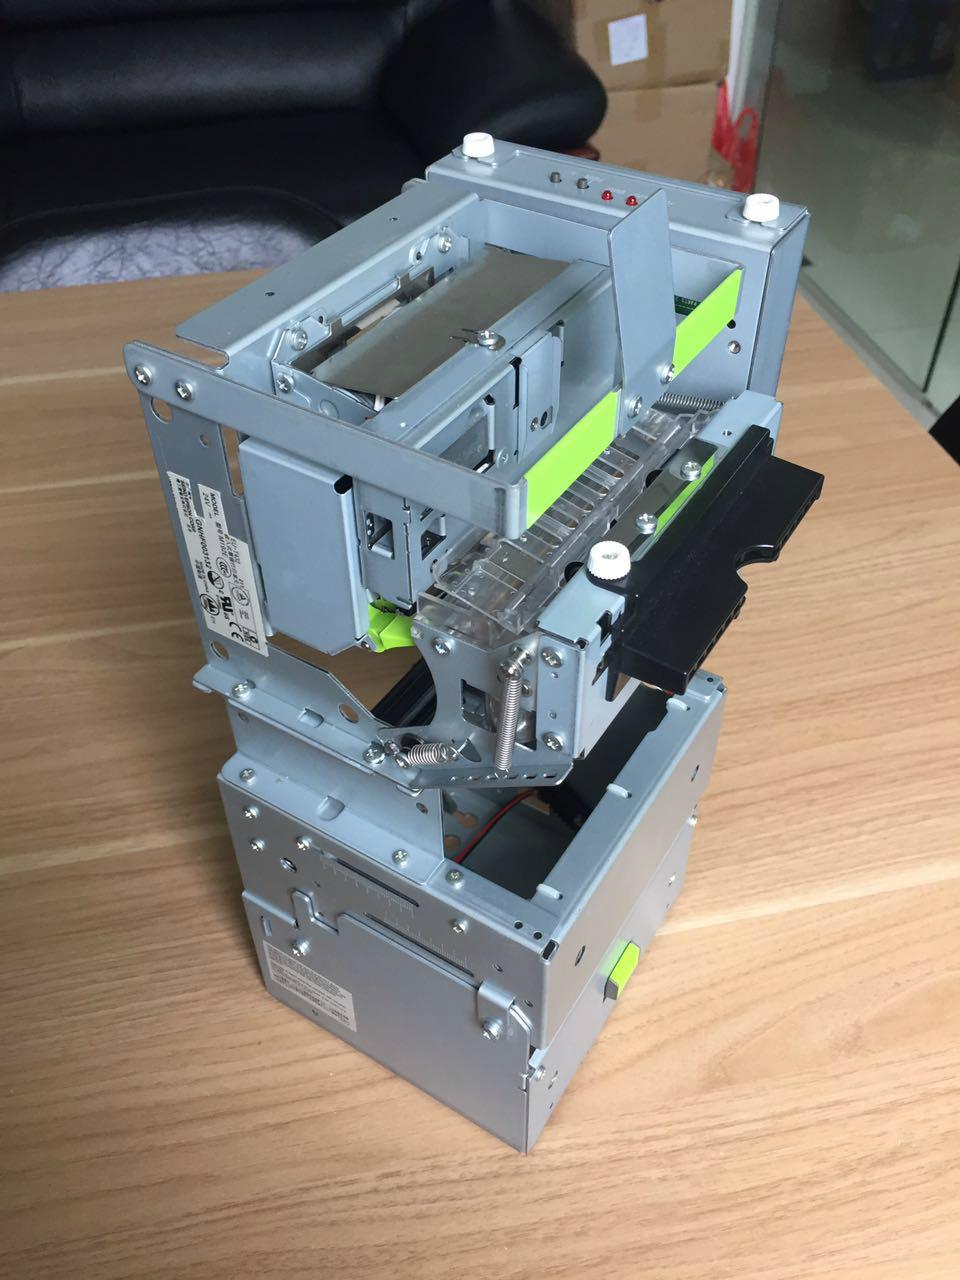 Hot sale 80mm Self service machine kiosk printer EU-T432 2